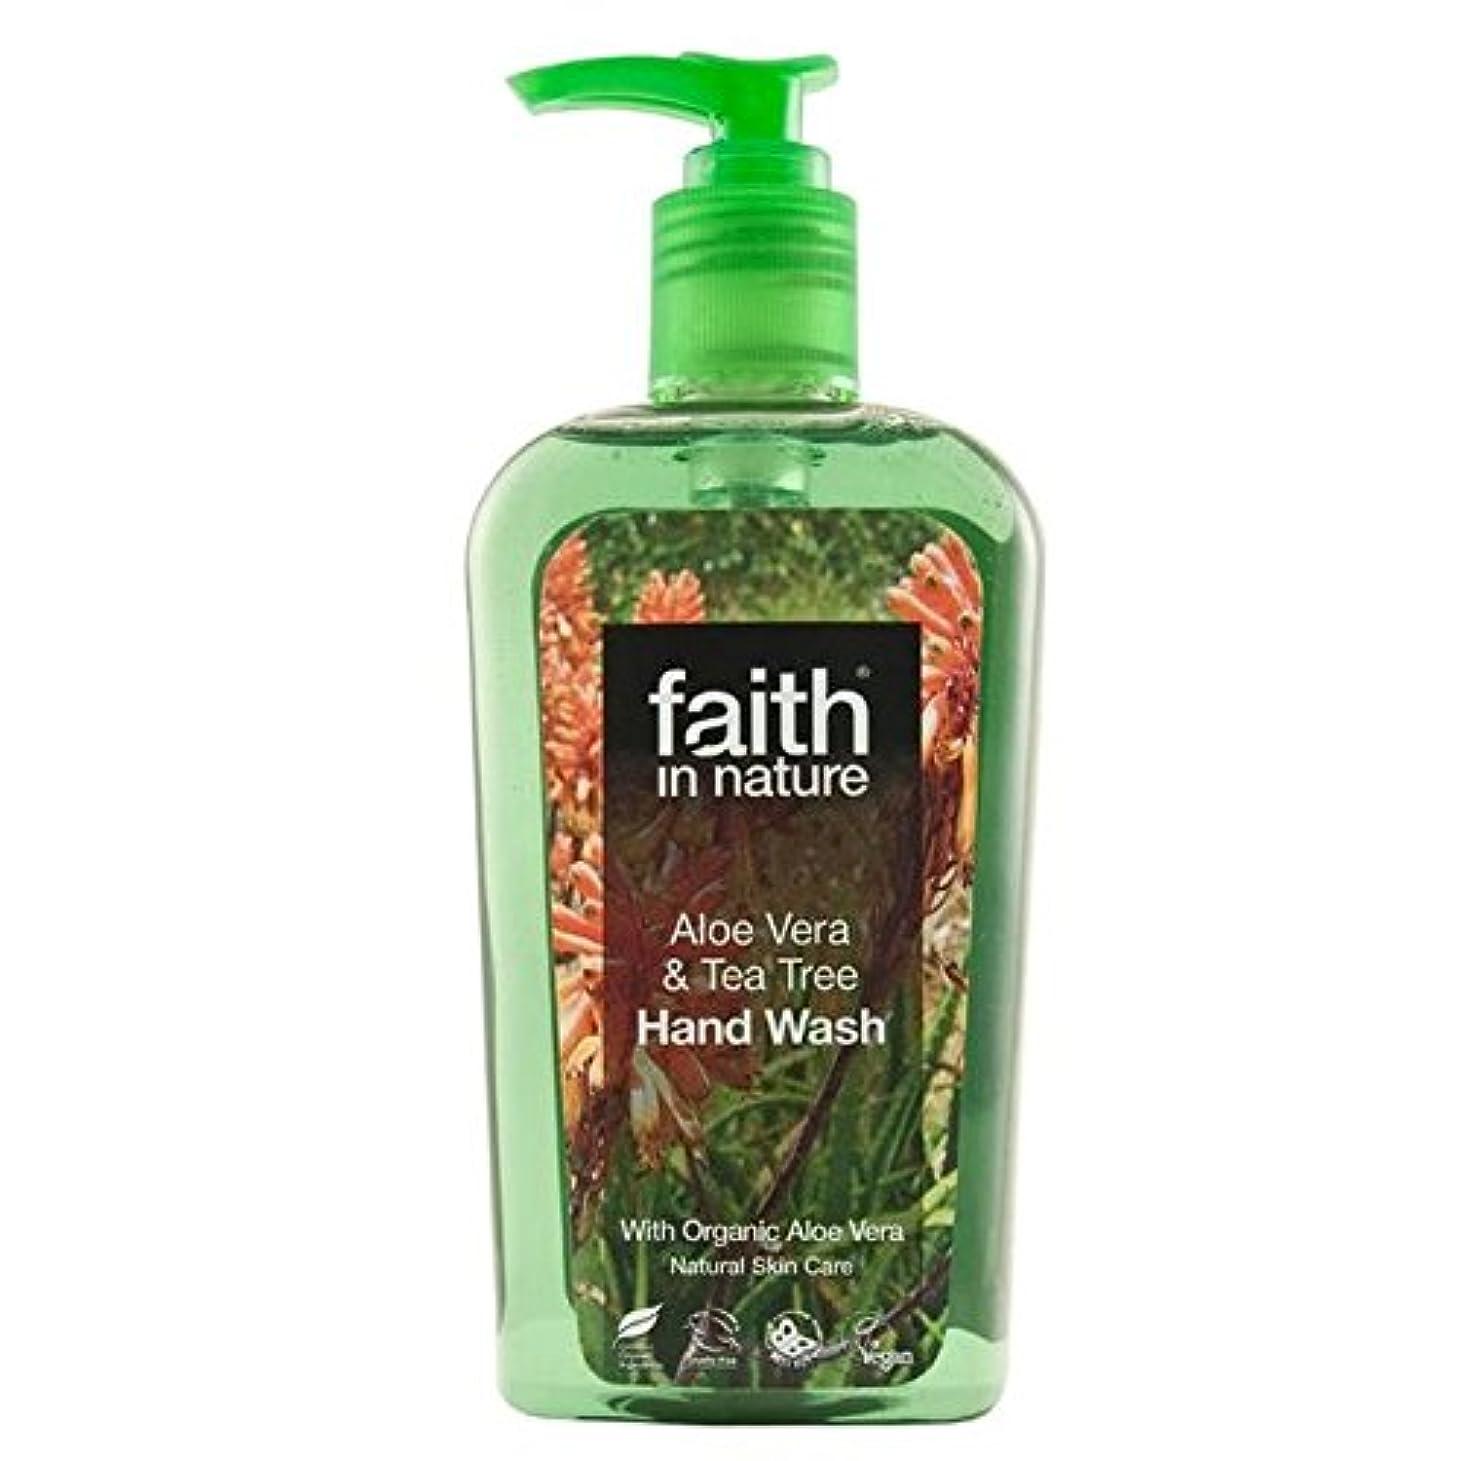 受動的反映するレッドデートFaith in Nature Aloe Vera & Tea Tree Handwash 300ml (Pack of 2) - (Faith In Nature) 自然のアロエベラ&ティーツリー手洗いの300ミリリットル...